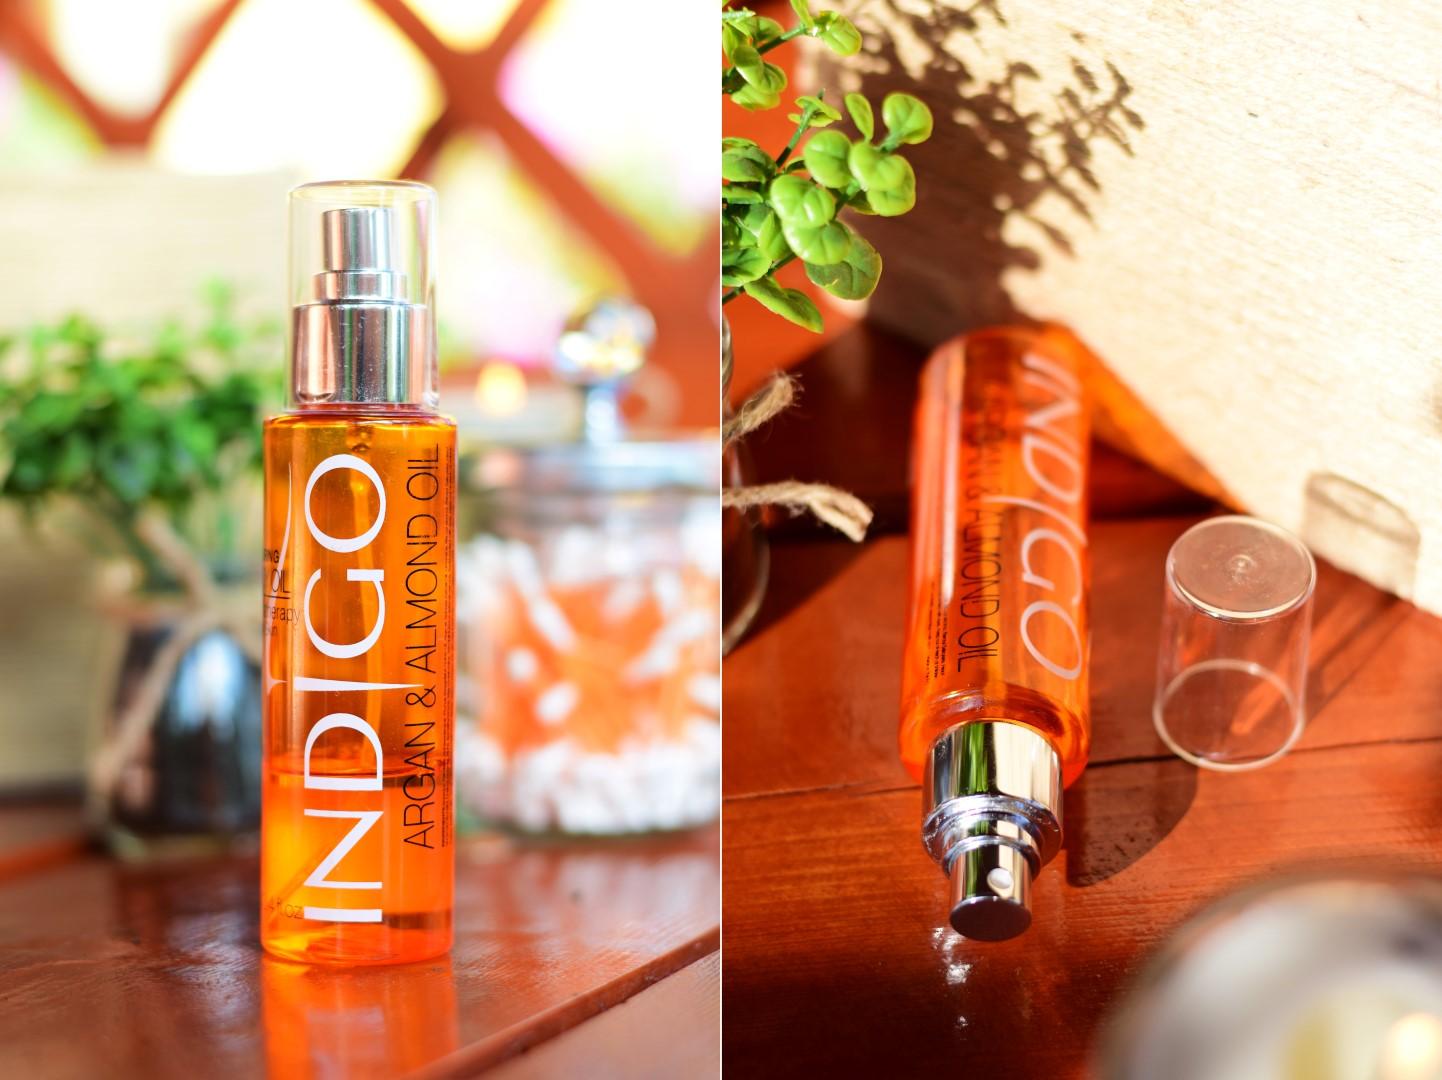 indigo_argan_body_oil_olejek_arganowy_do_ciała_po_kąpieli_indigolicious_blog_recenzja_opinia